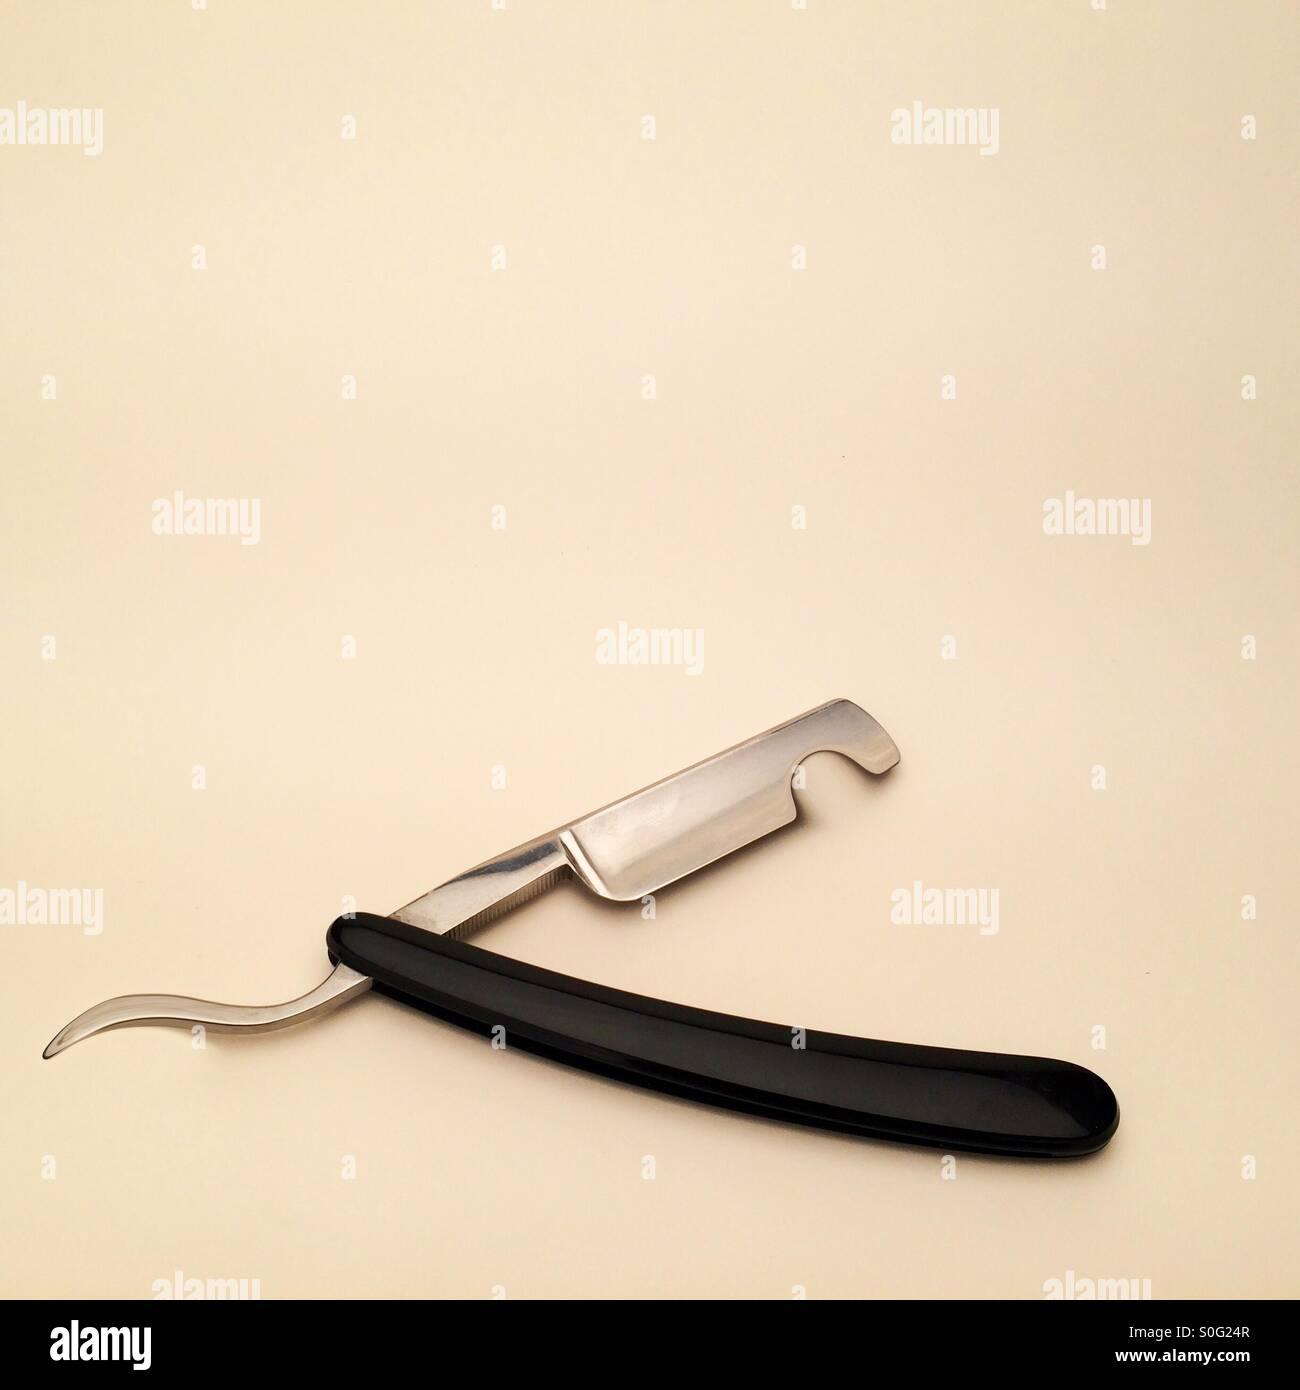 Immagine manipolata che mostra una gola tagliata il rasoio con un intaglio preso fuori di esso e spazio in abbondanza Immagini Stock